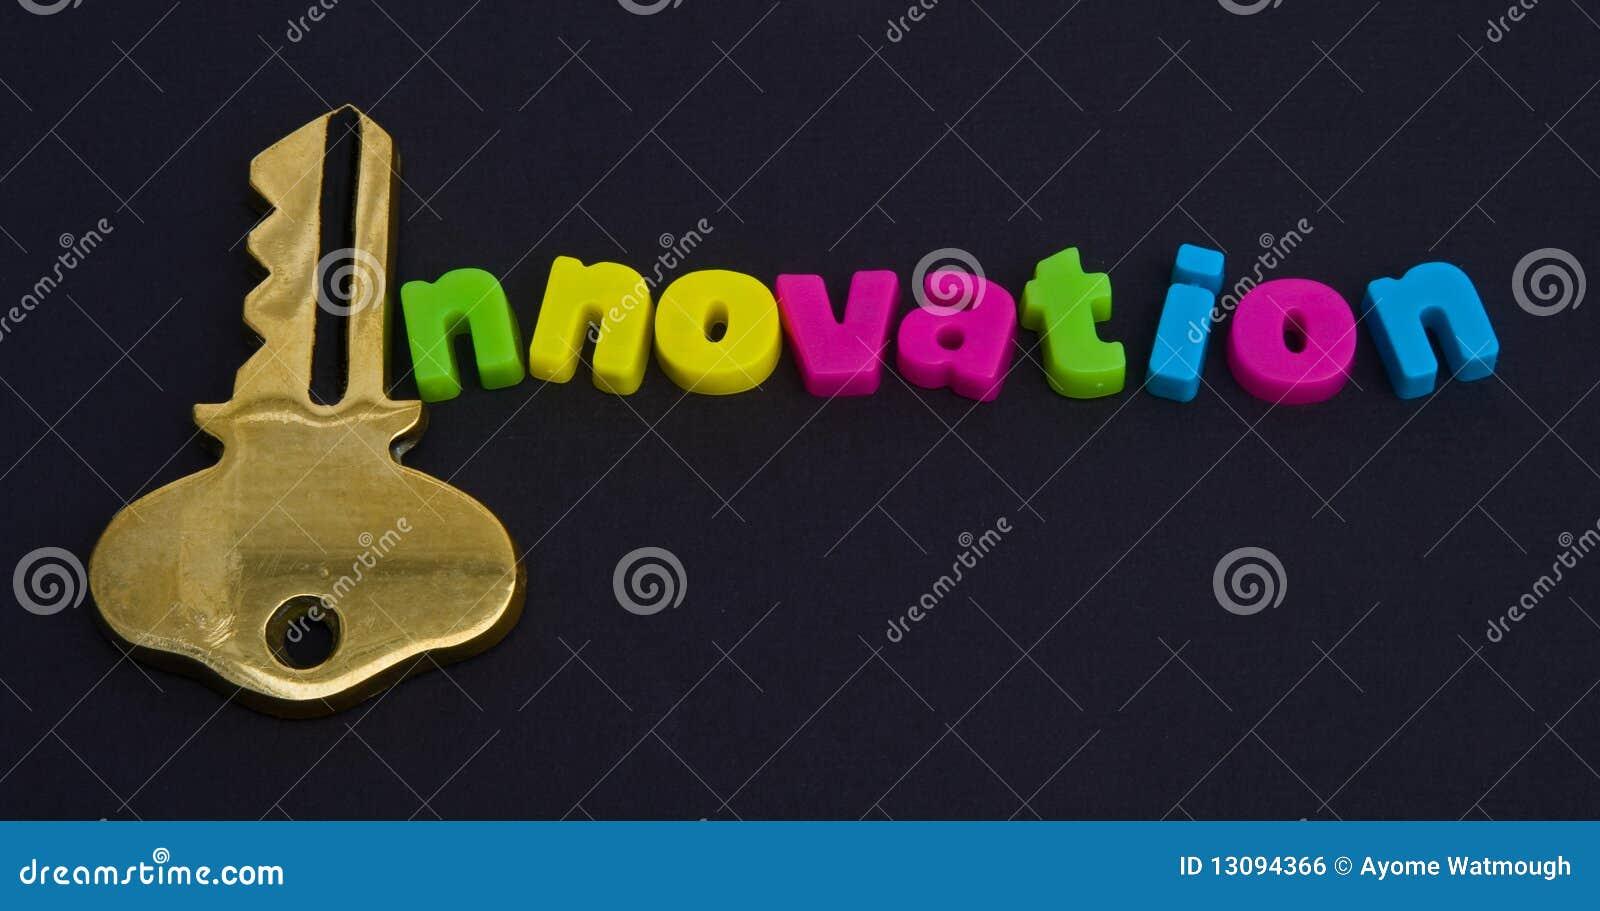 Key To Innovation Logo Royalty Free Stock Image Image